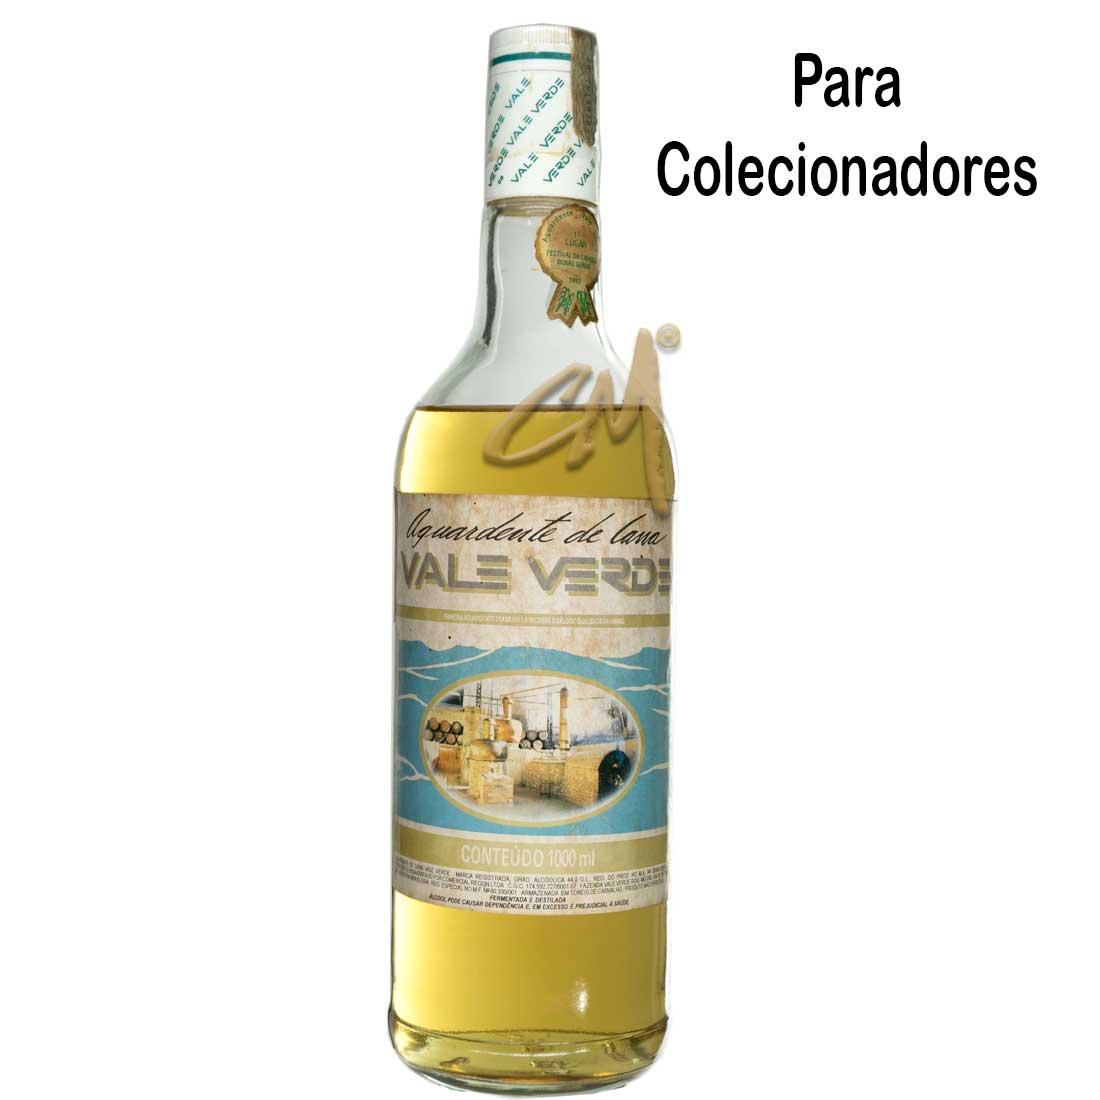 Cachaça Vale Verde 1993 980 ml (Vianópolis - MG) - Coleção